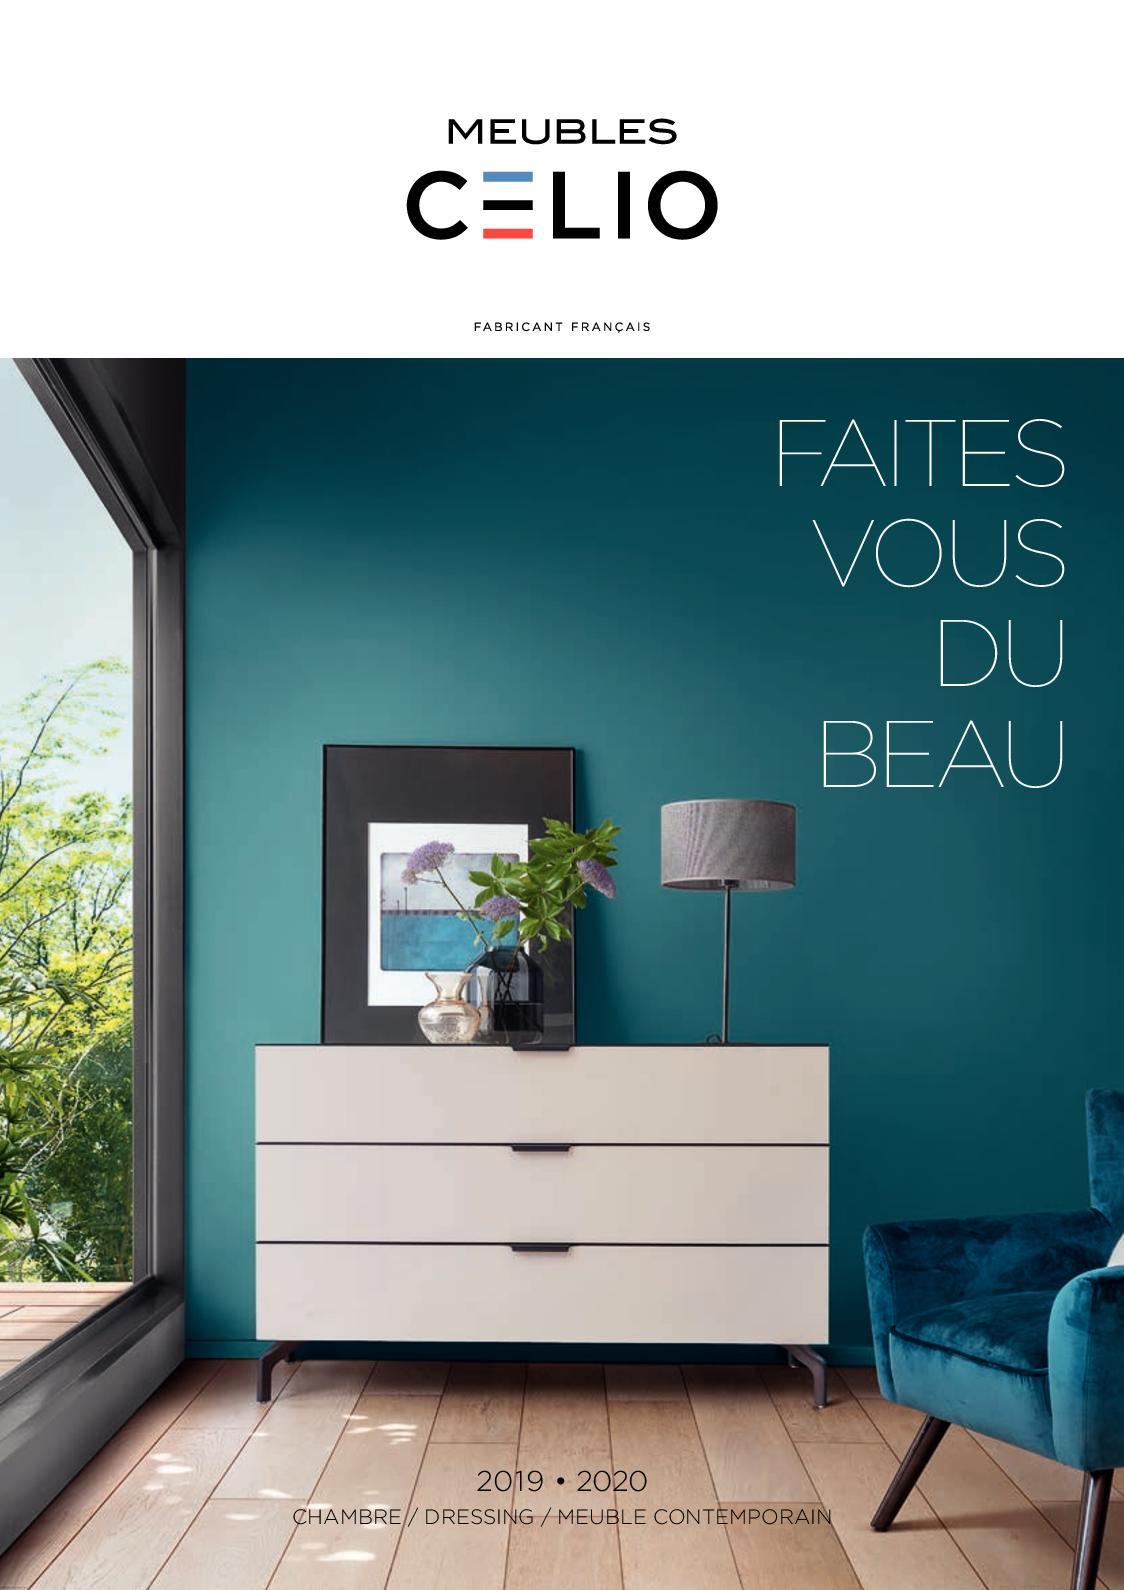 calameo catalogue meubles celio 2019 2020